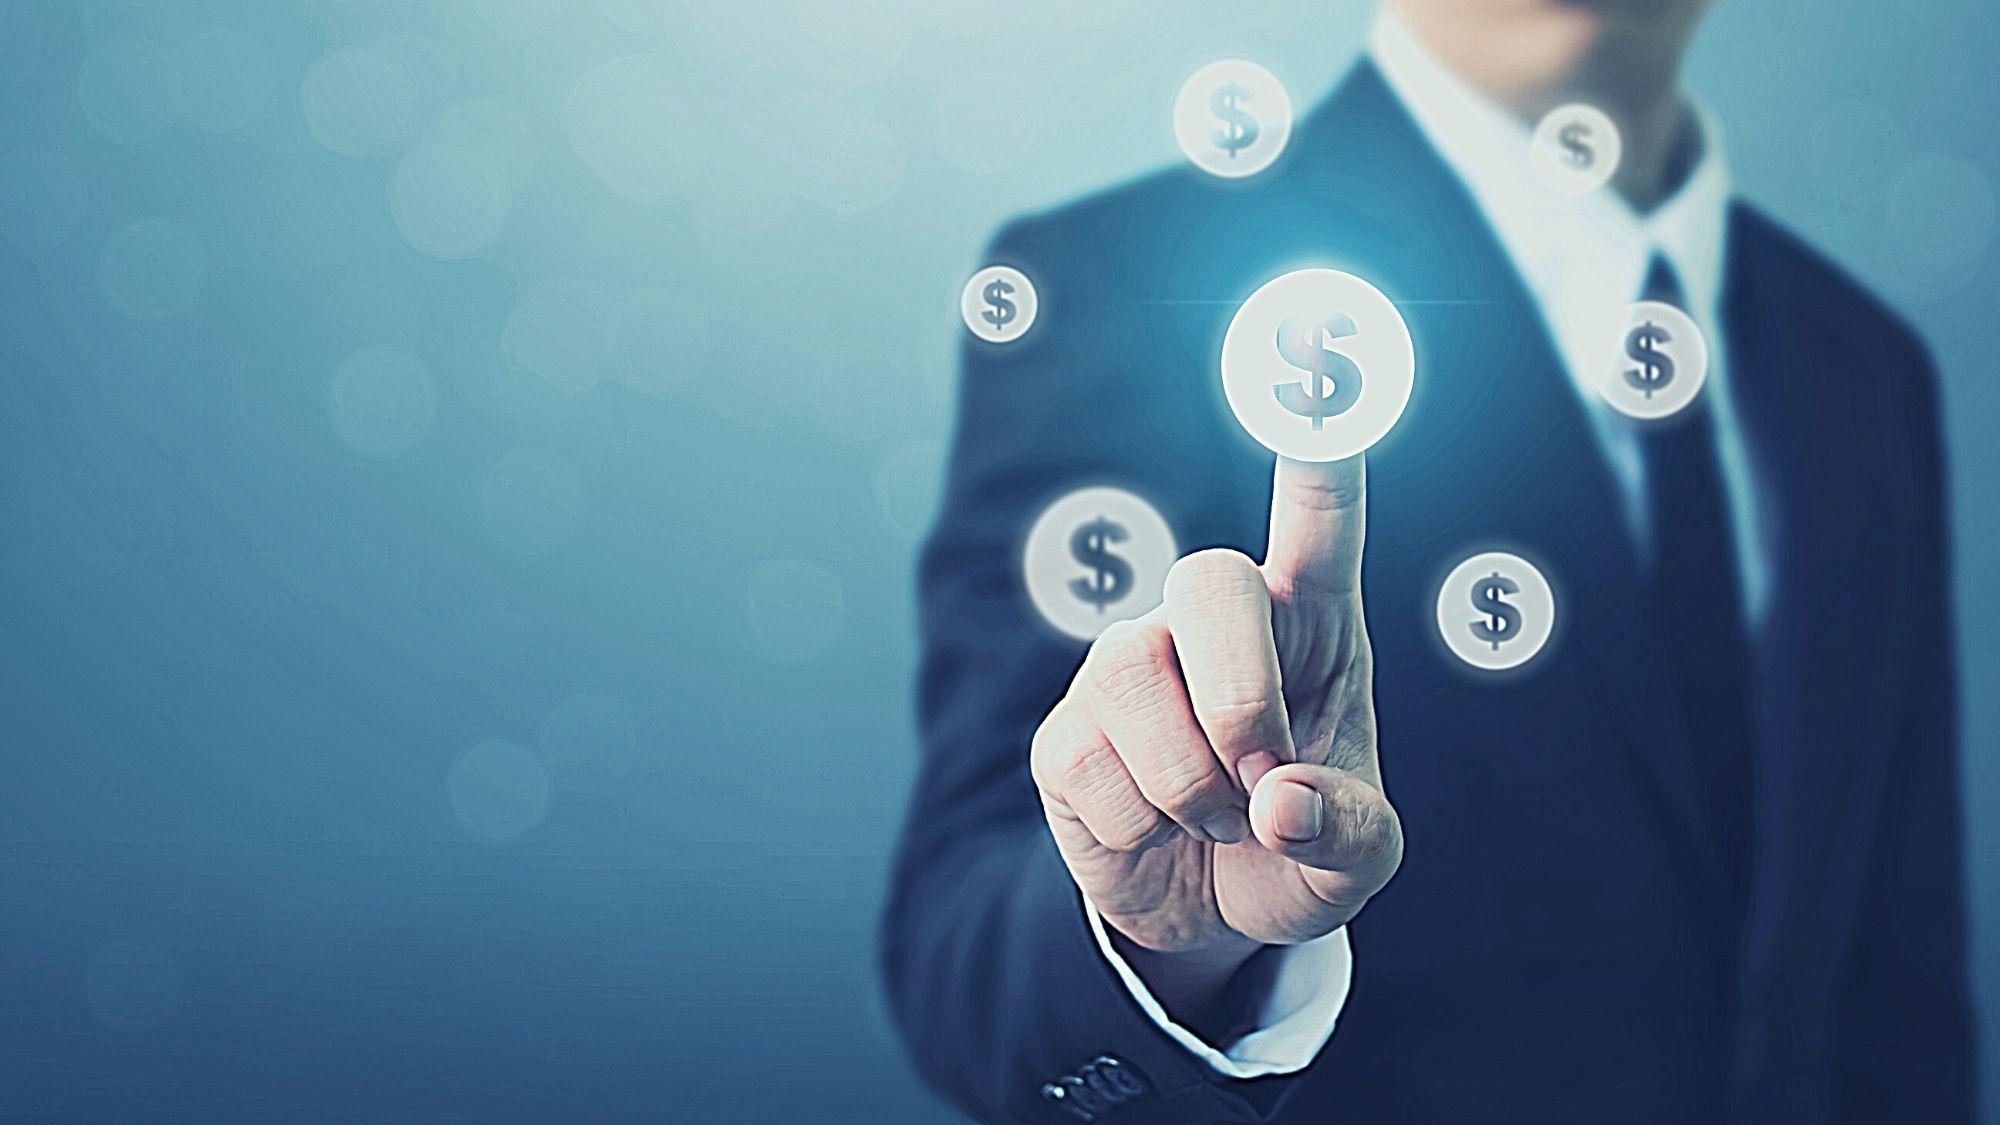 חיסכון והשקעה - הבית הפיננסי שלכם